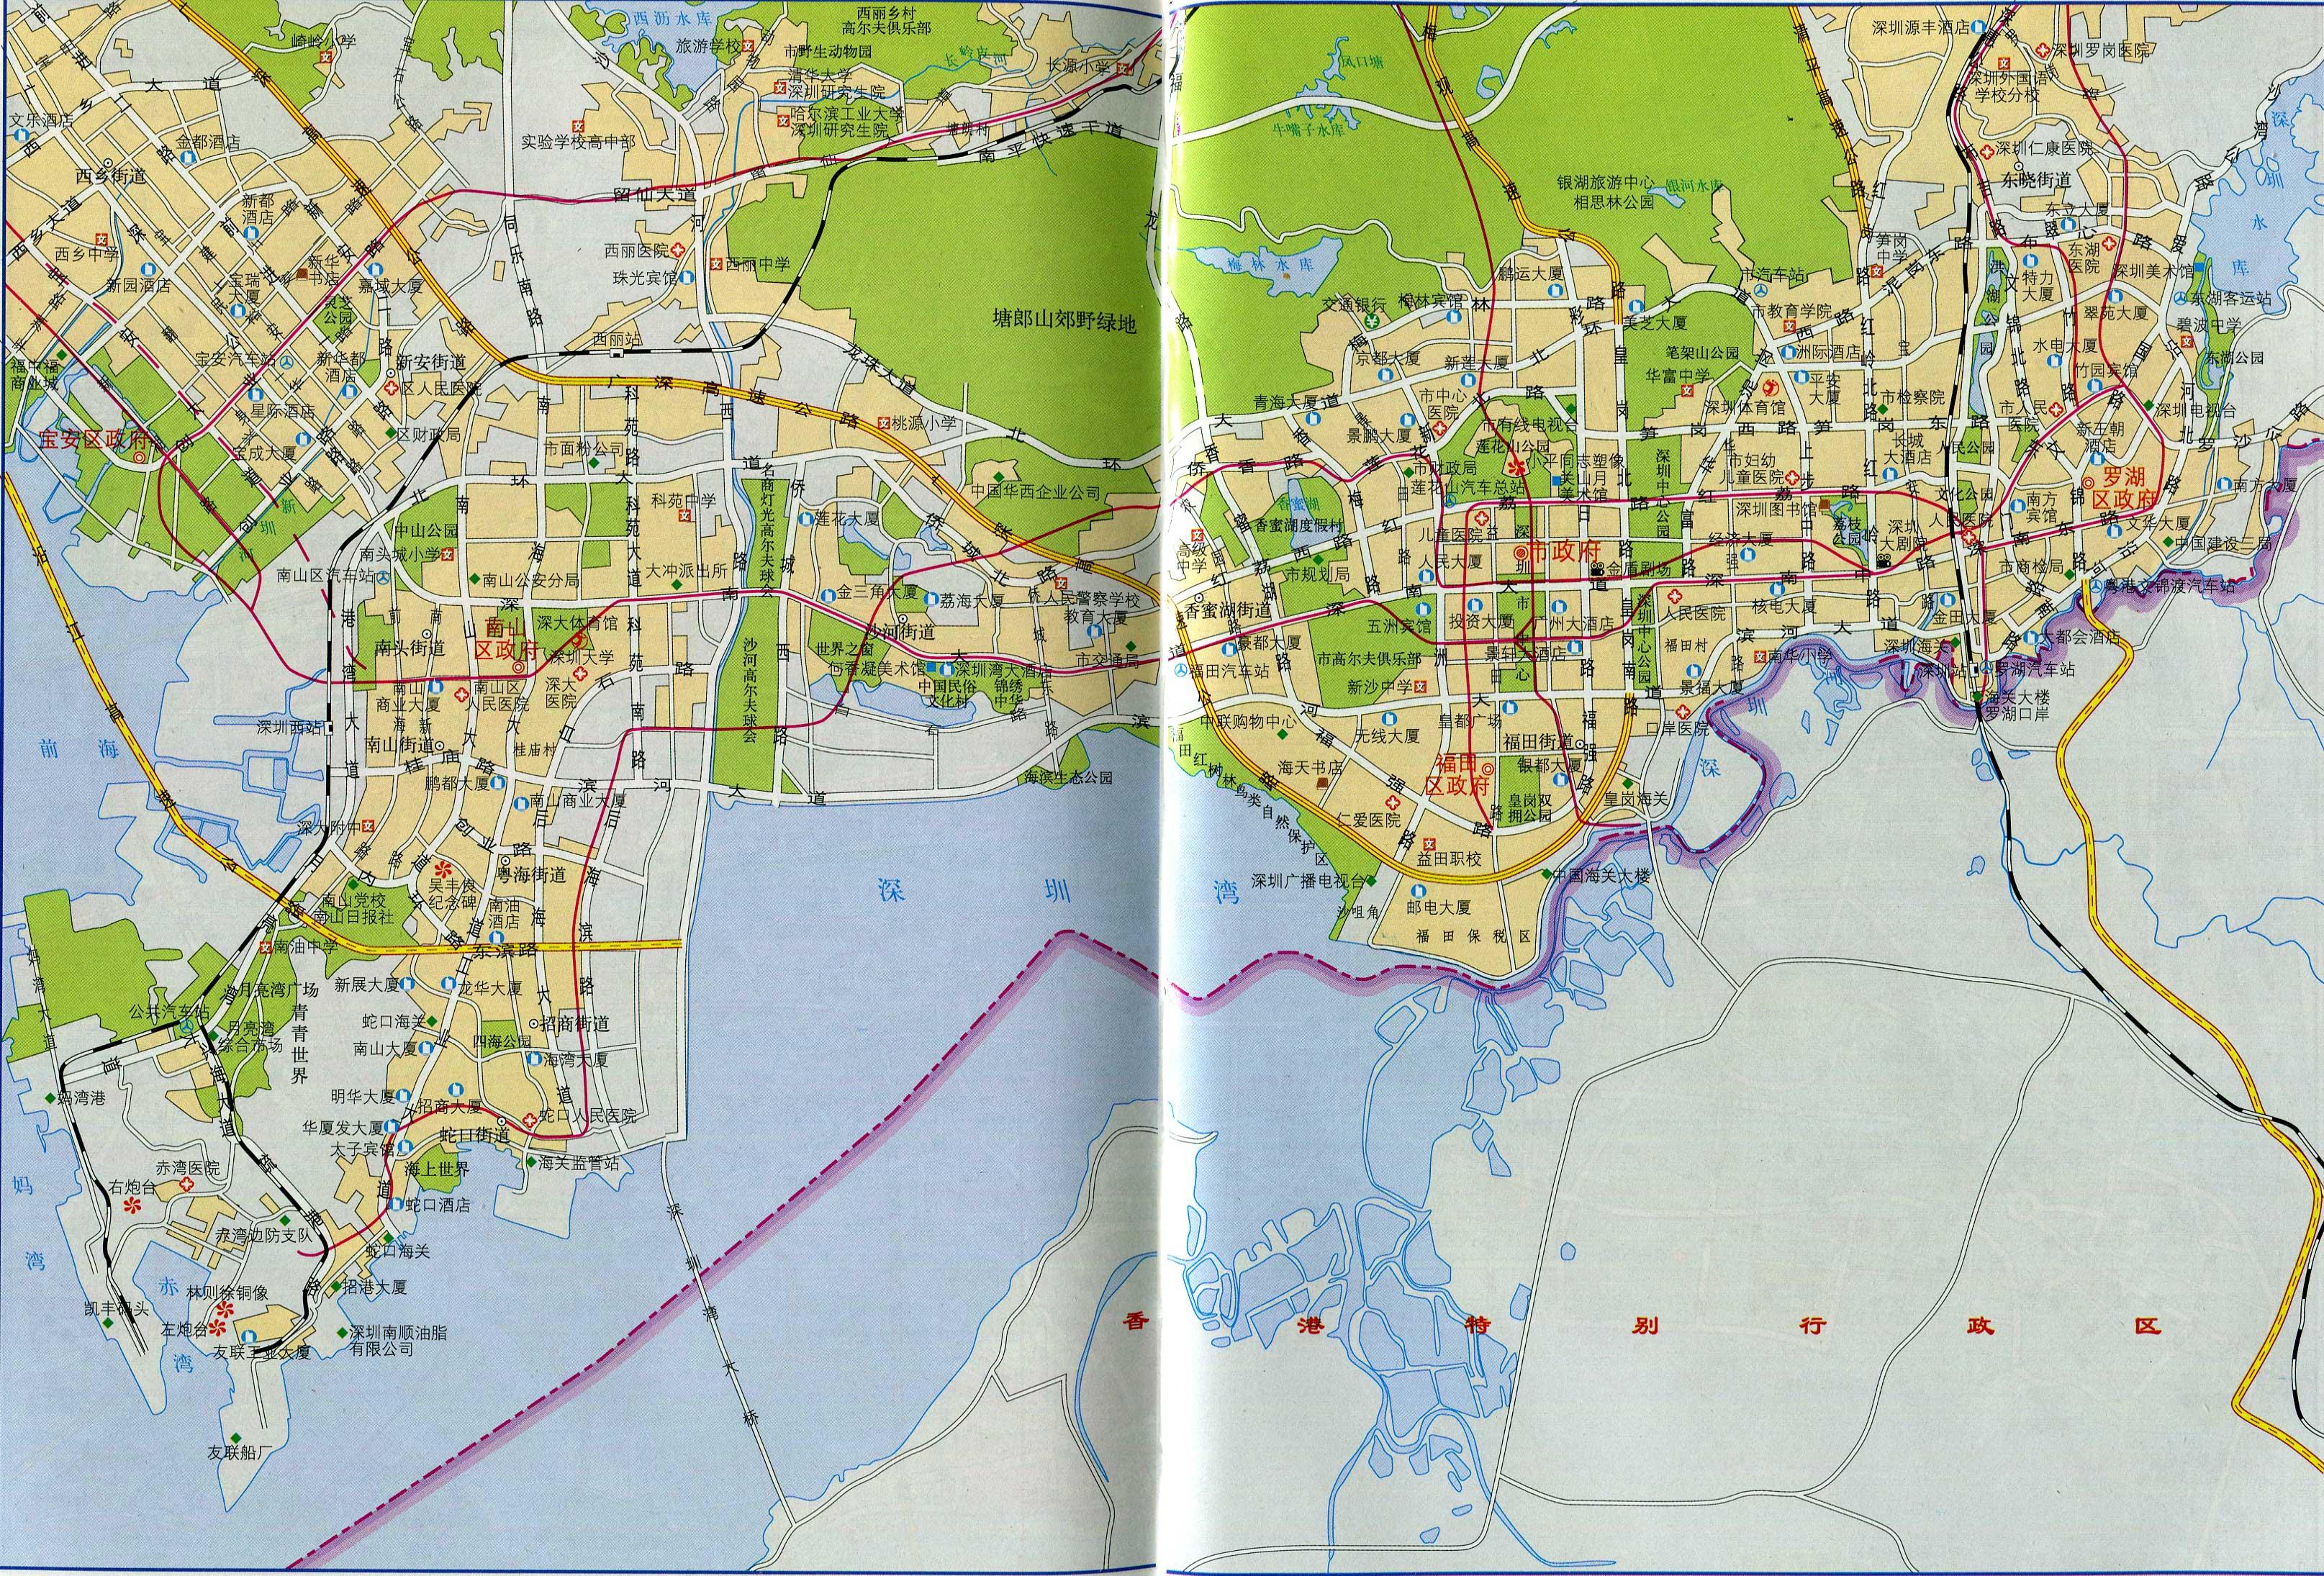 深圳市区地图